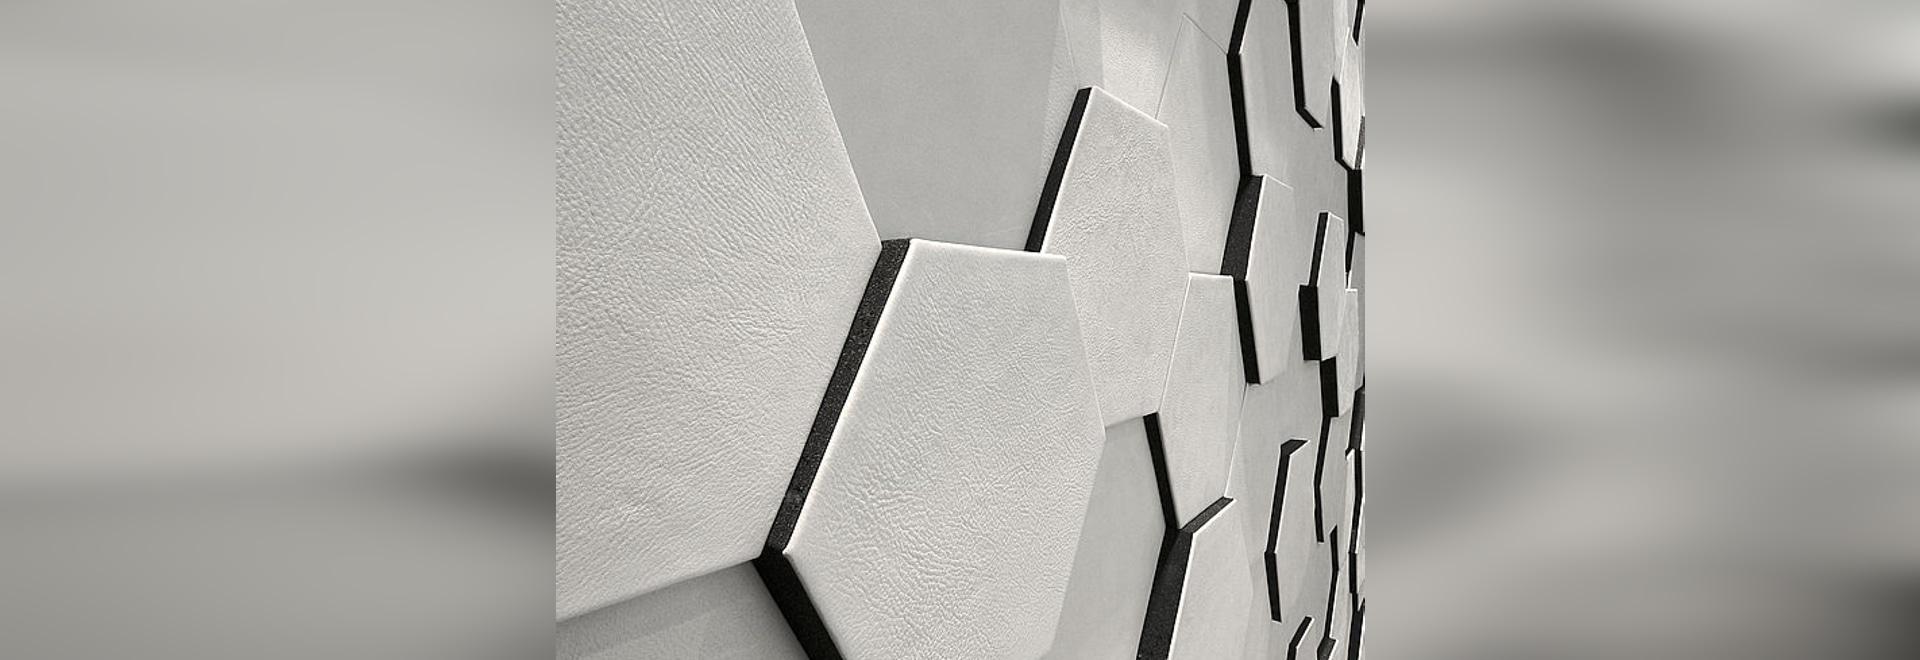 Cuir au Carré new collection - Architect@work Paris